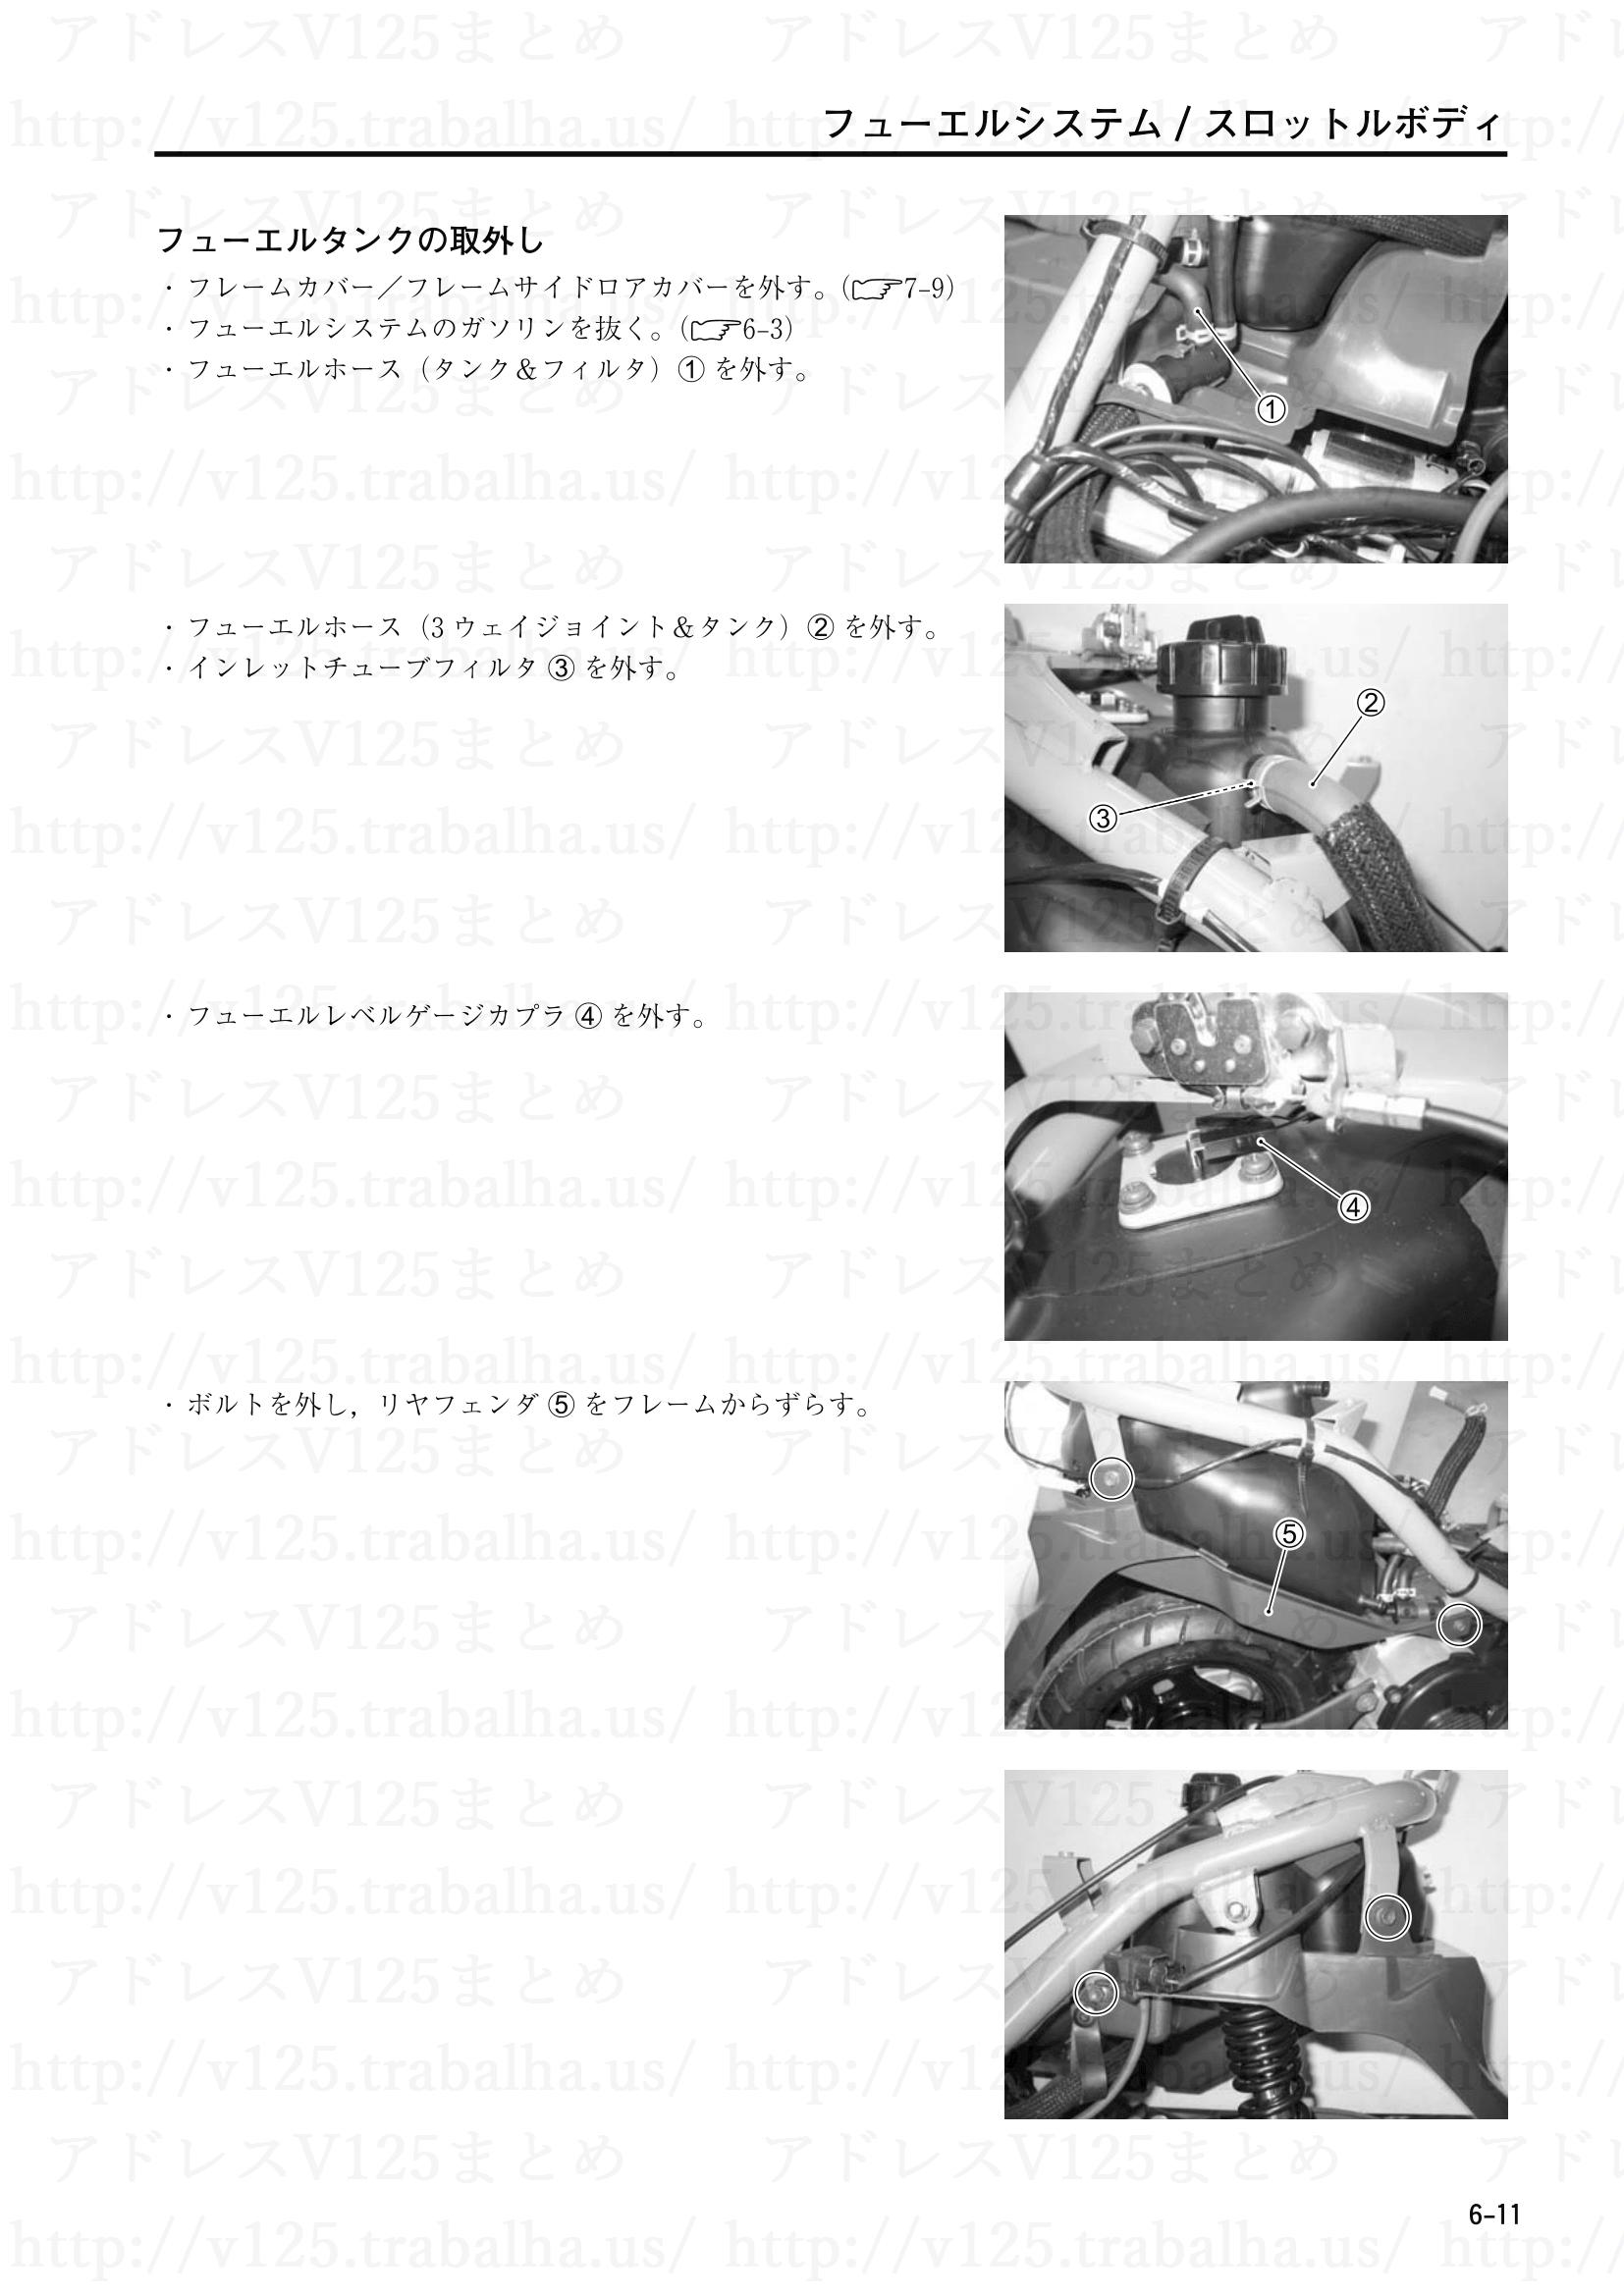 6-11【フューエルシステム/スロットルボディ】フューエルタンクの取外し